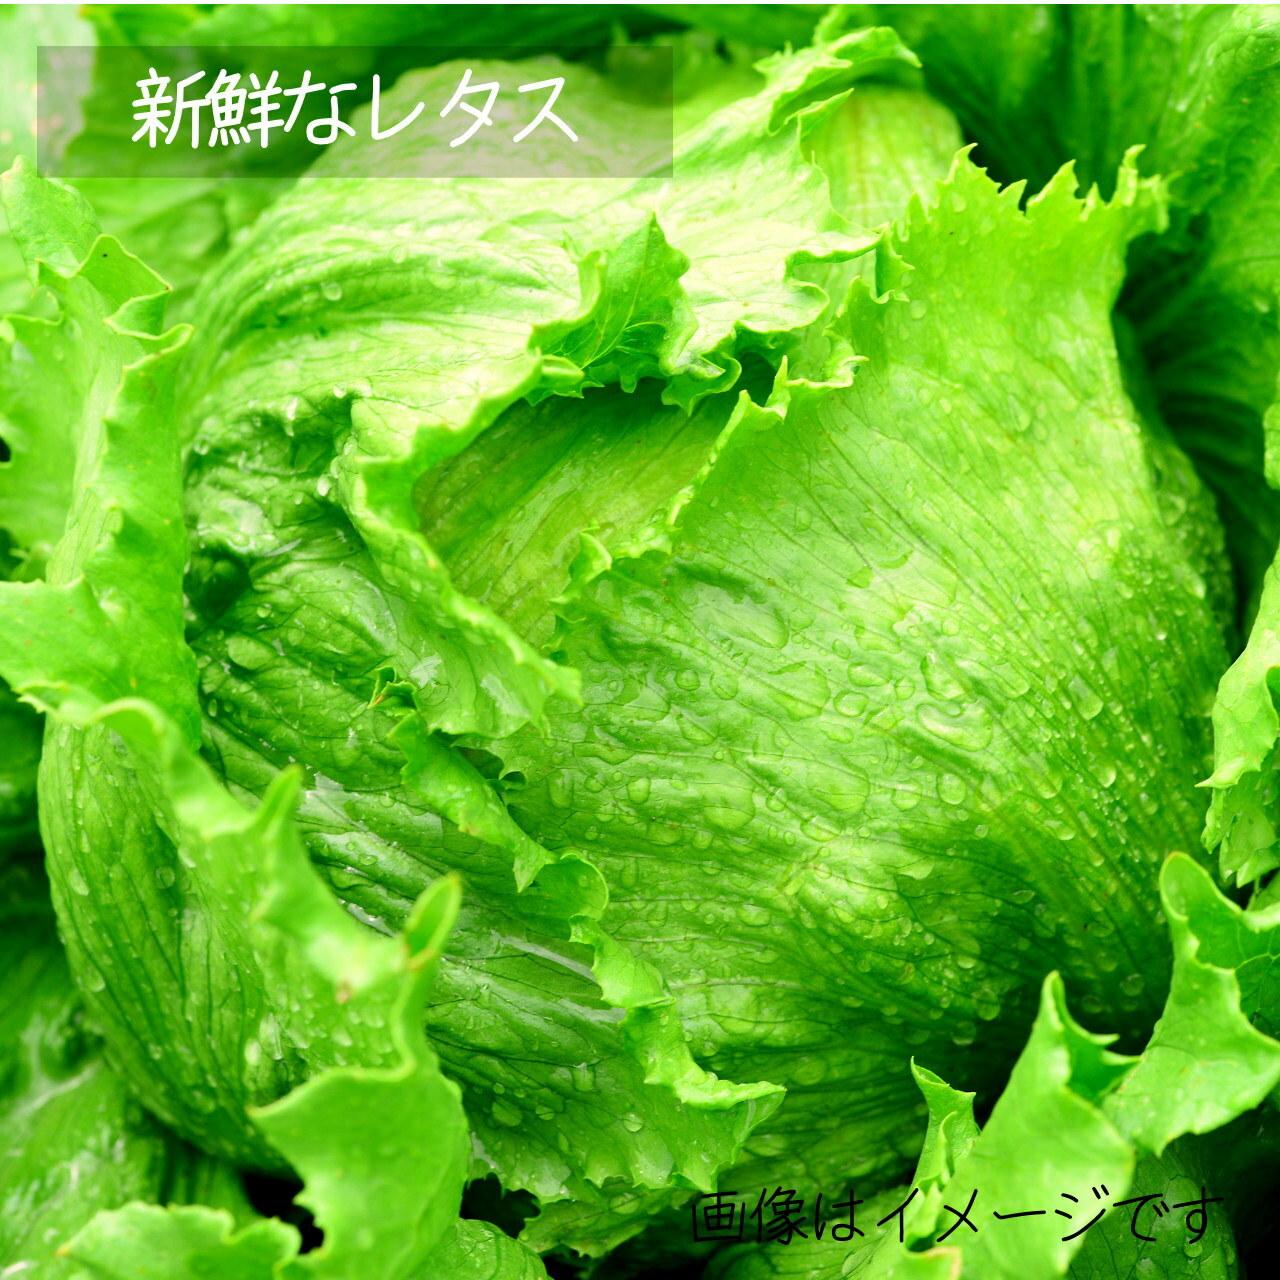 6月の新鮮野菜 :レタス 1個 : 朝採り直売野菜 6月27日発送予定